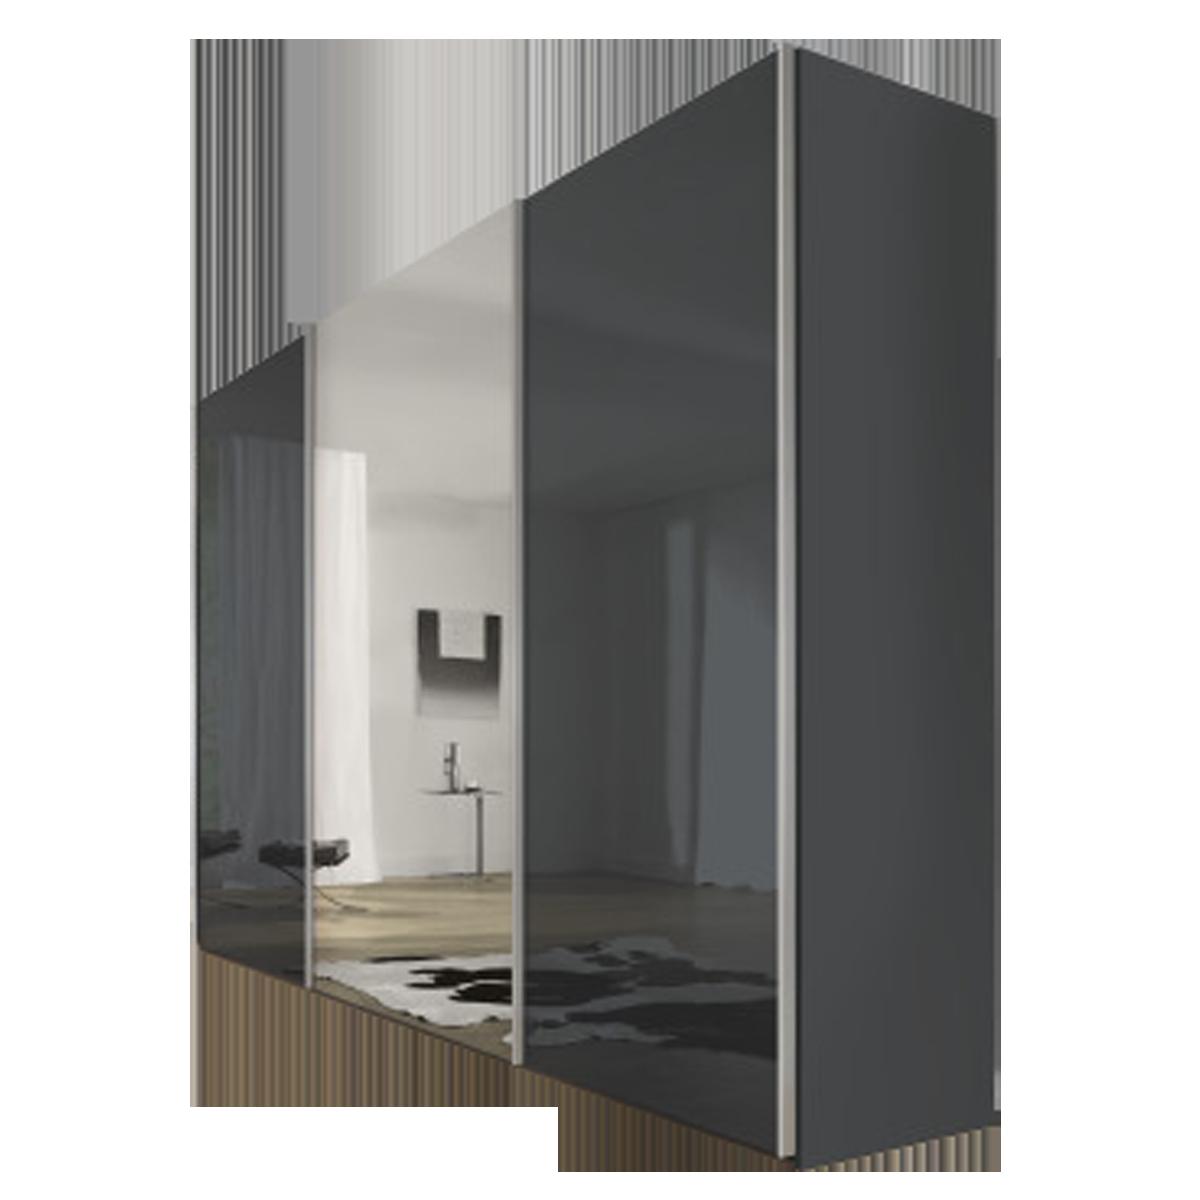 Nolte Möbel Savena / Evena Schwebetürenschrank Korpus in Dekor mit  Glasfront und Kristallspiegel Größe und Farbausführung wählbar optional mit  ...